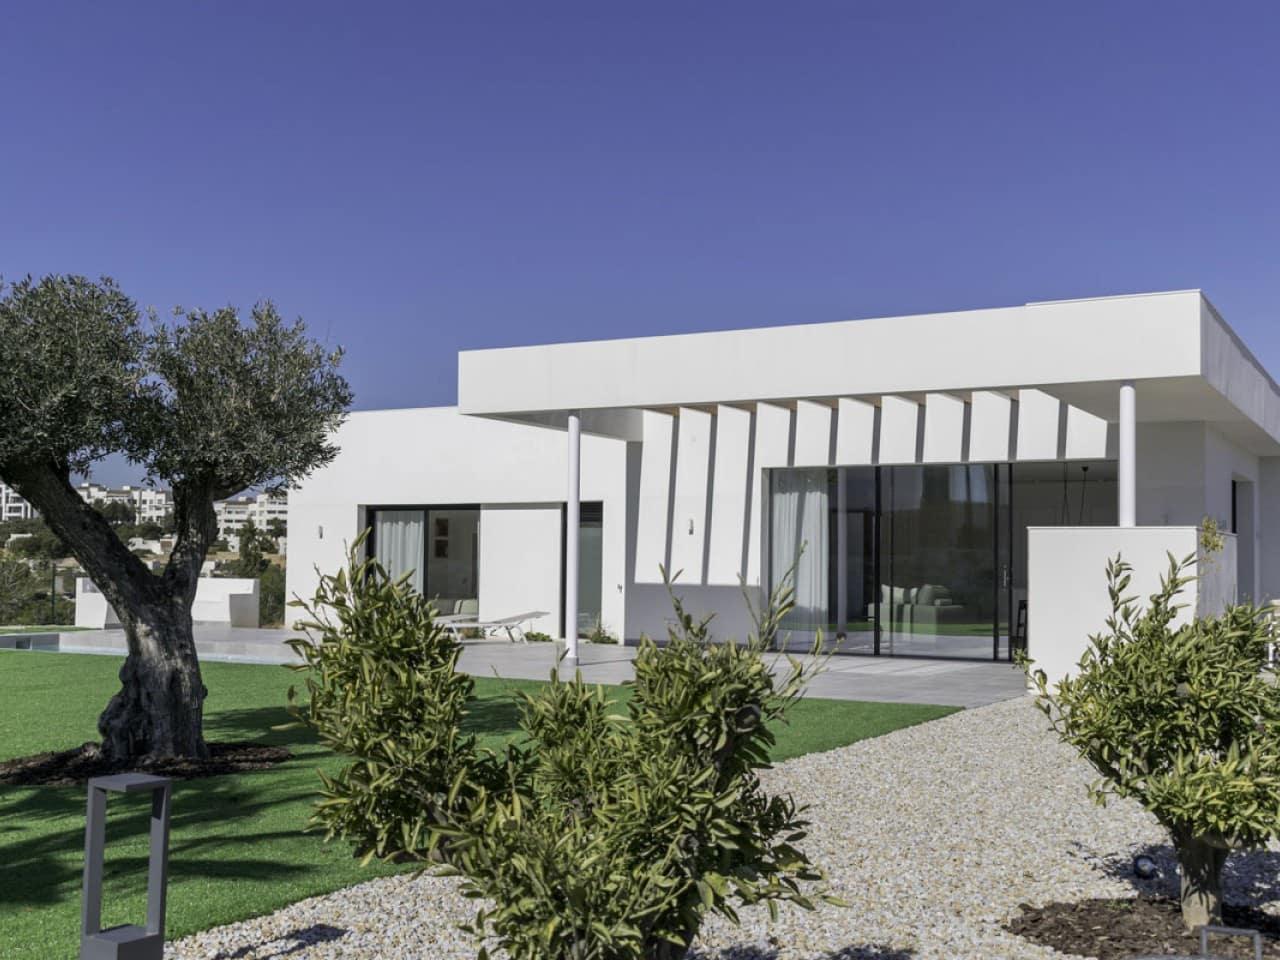 Chalet de 3 habitaciones en Las Colinas Golf en venta con piscina - 625.000 € (Ref: 5017096)